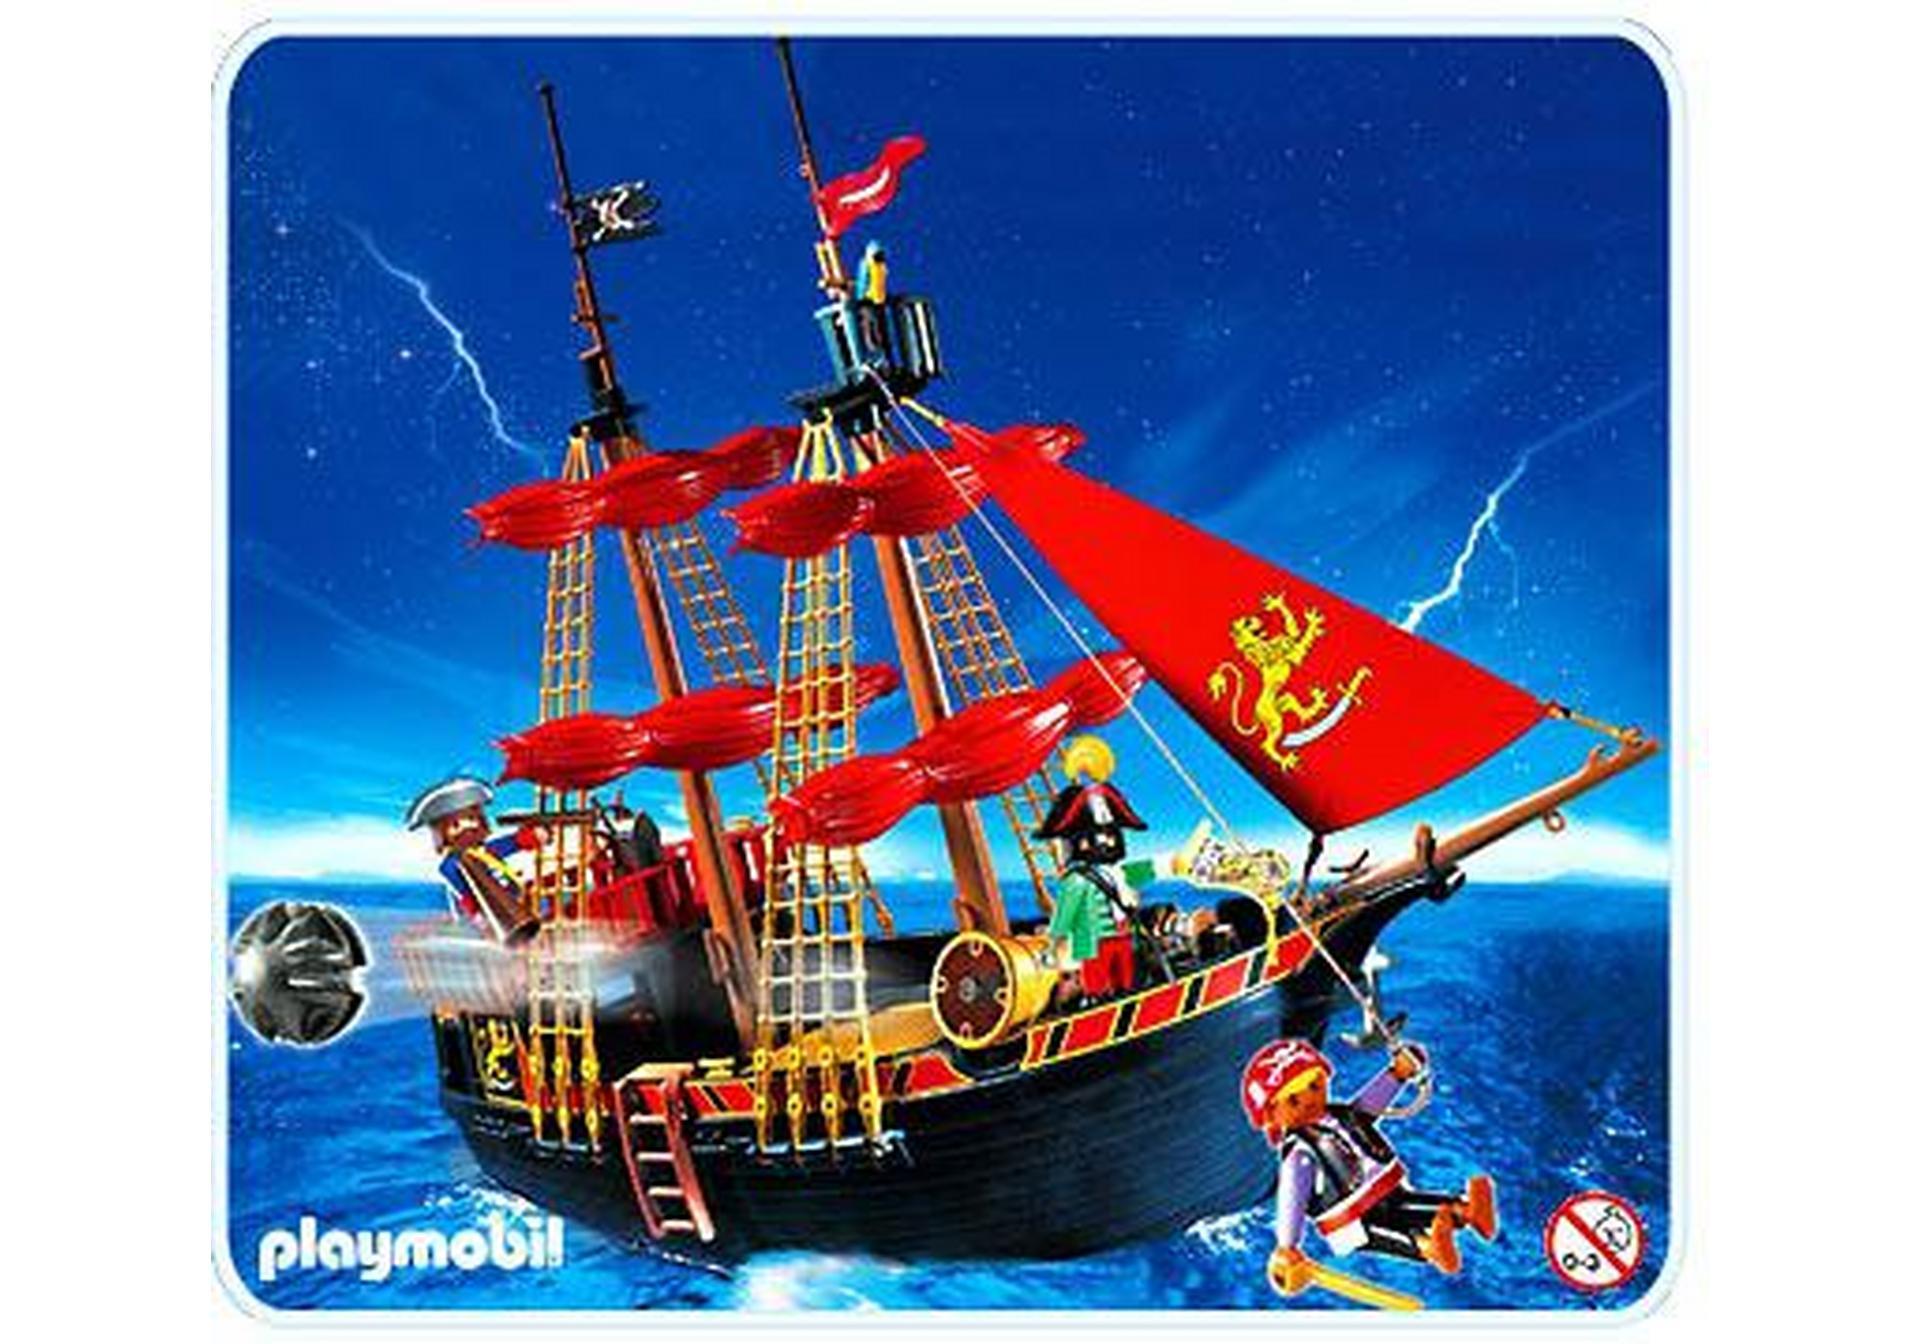 Piratenkaperschiff 4424 a playmobil deutschland for Jugendzimmer playmobil